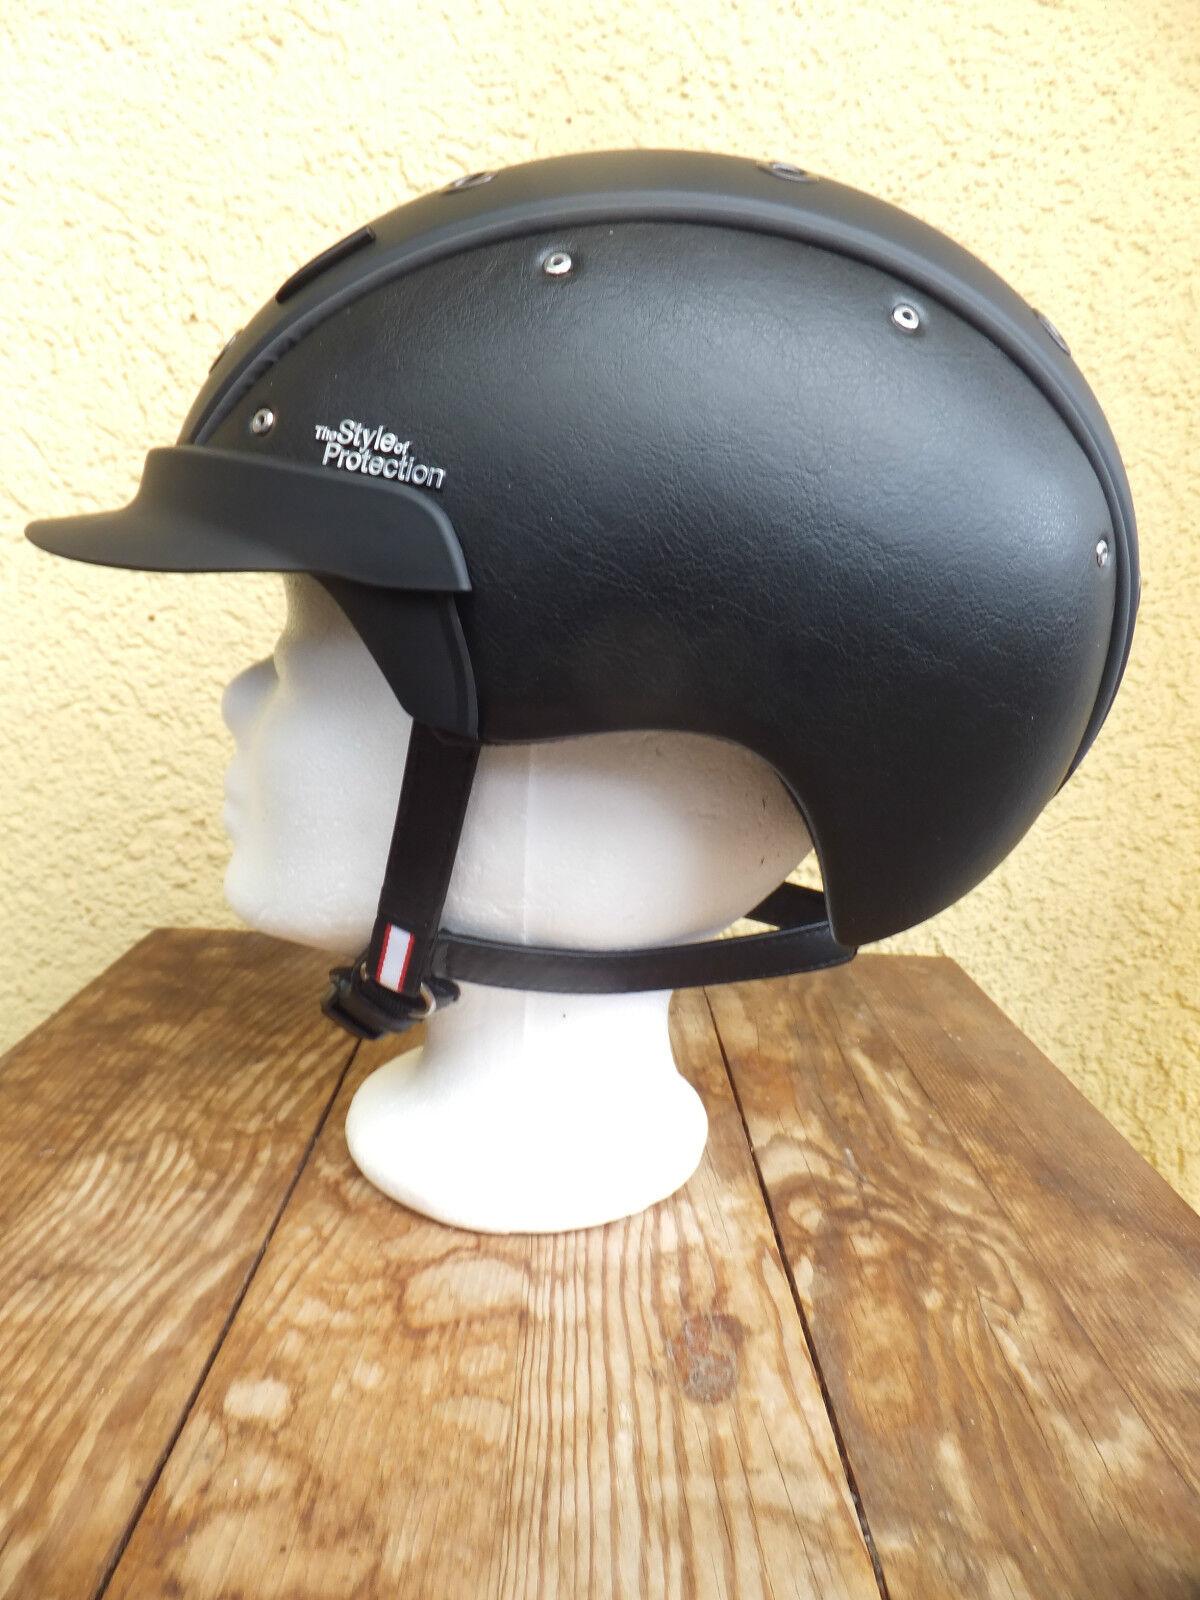 CASCO spirit-6 Reithelm black Glattleder VG1.01 Siegel  Modell 2015